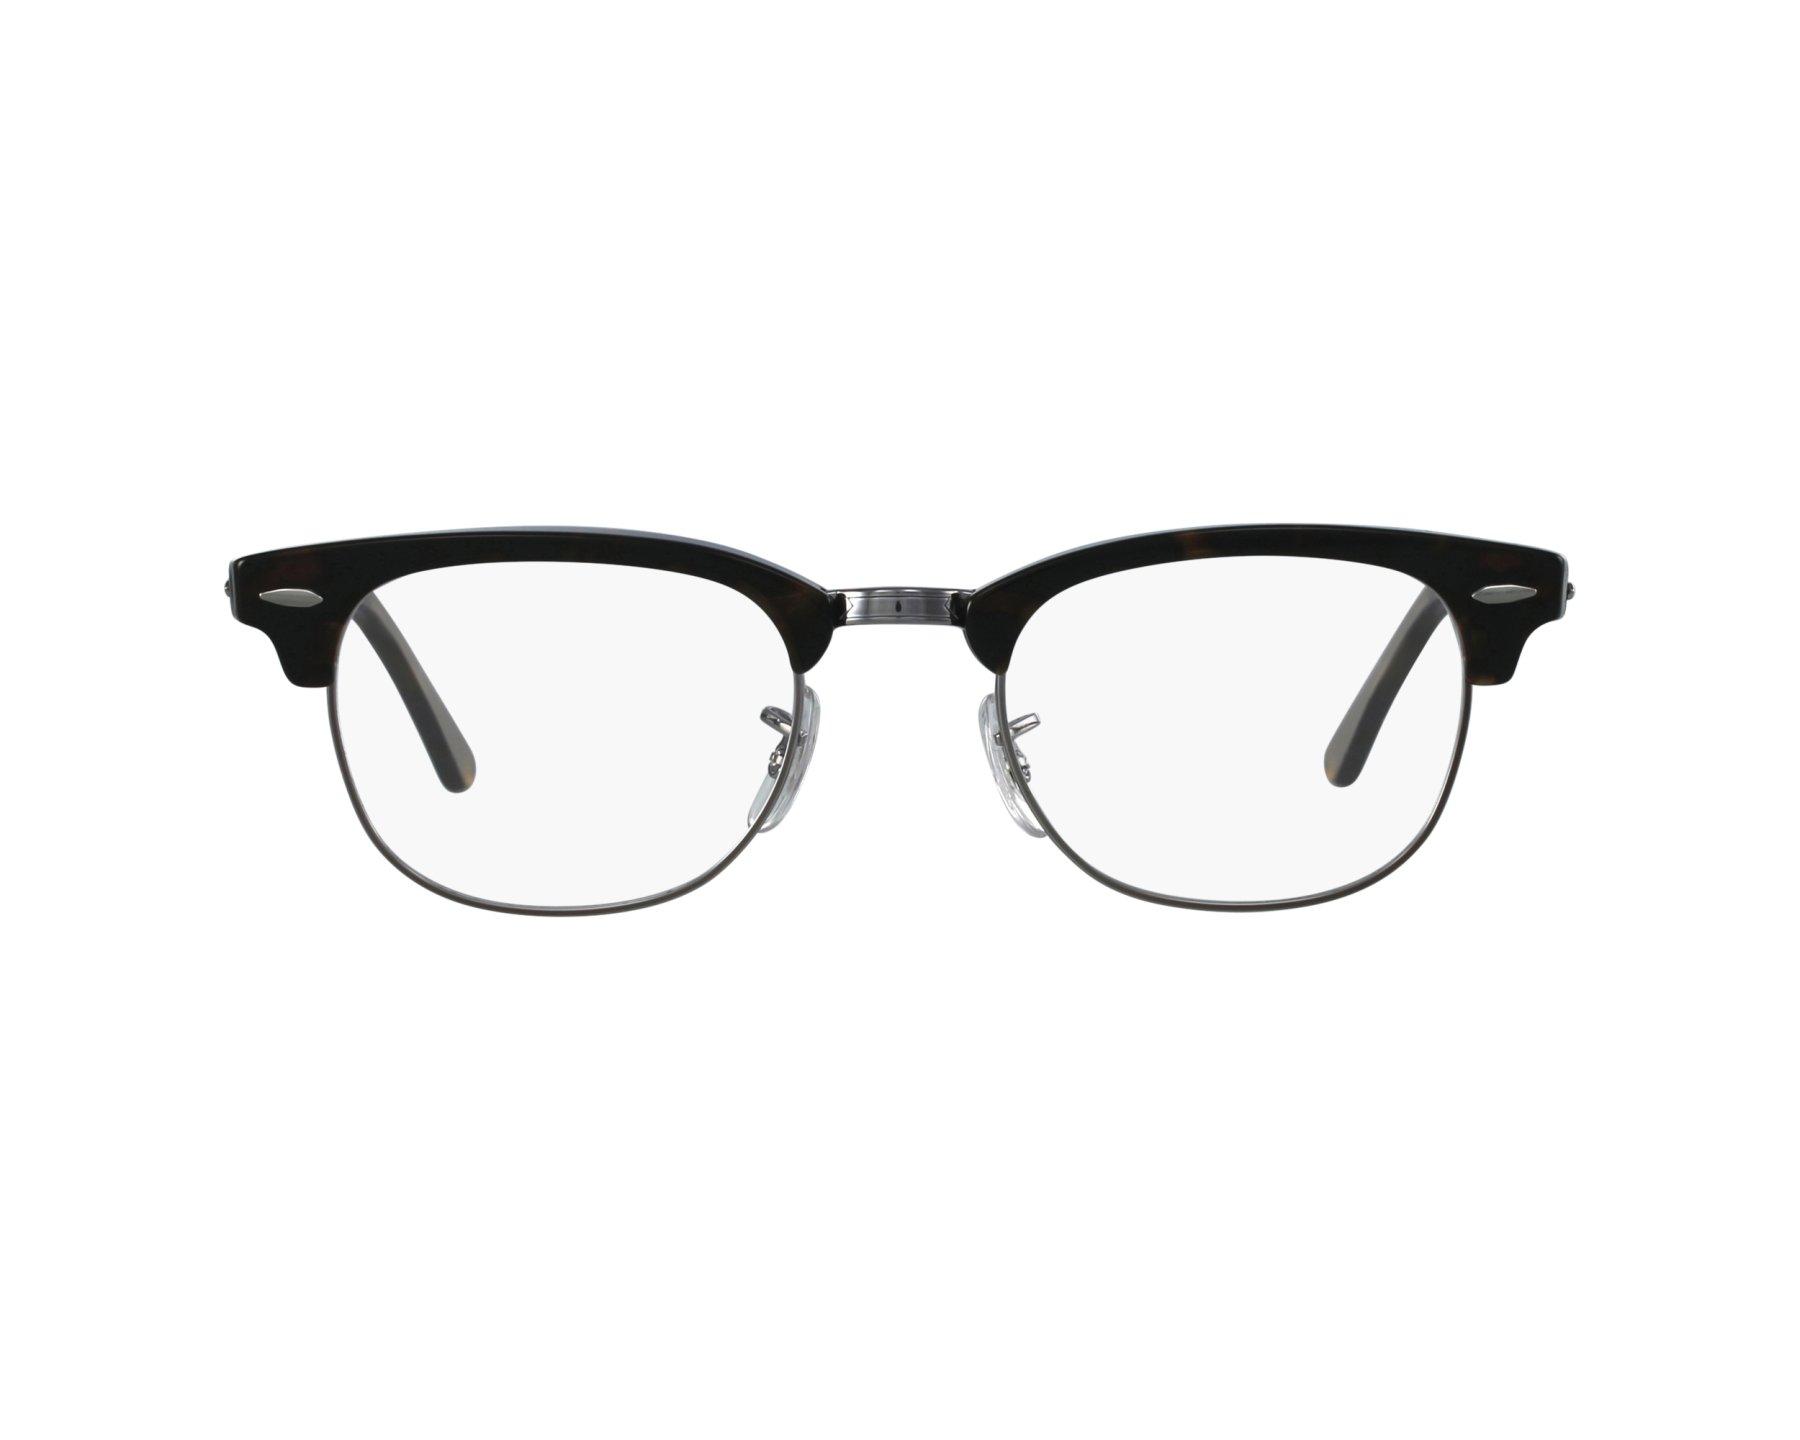 99e5515f4fe eyeglasses Ray-Ban RX-5154 2012 49-21 Havana profile view